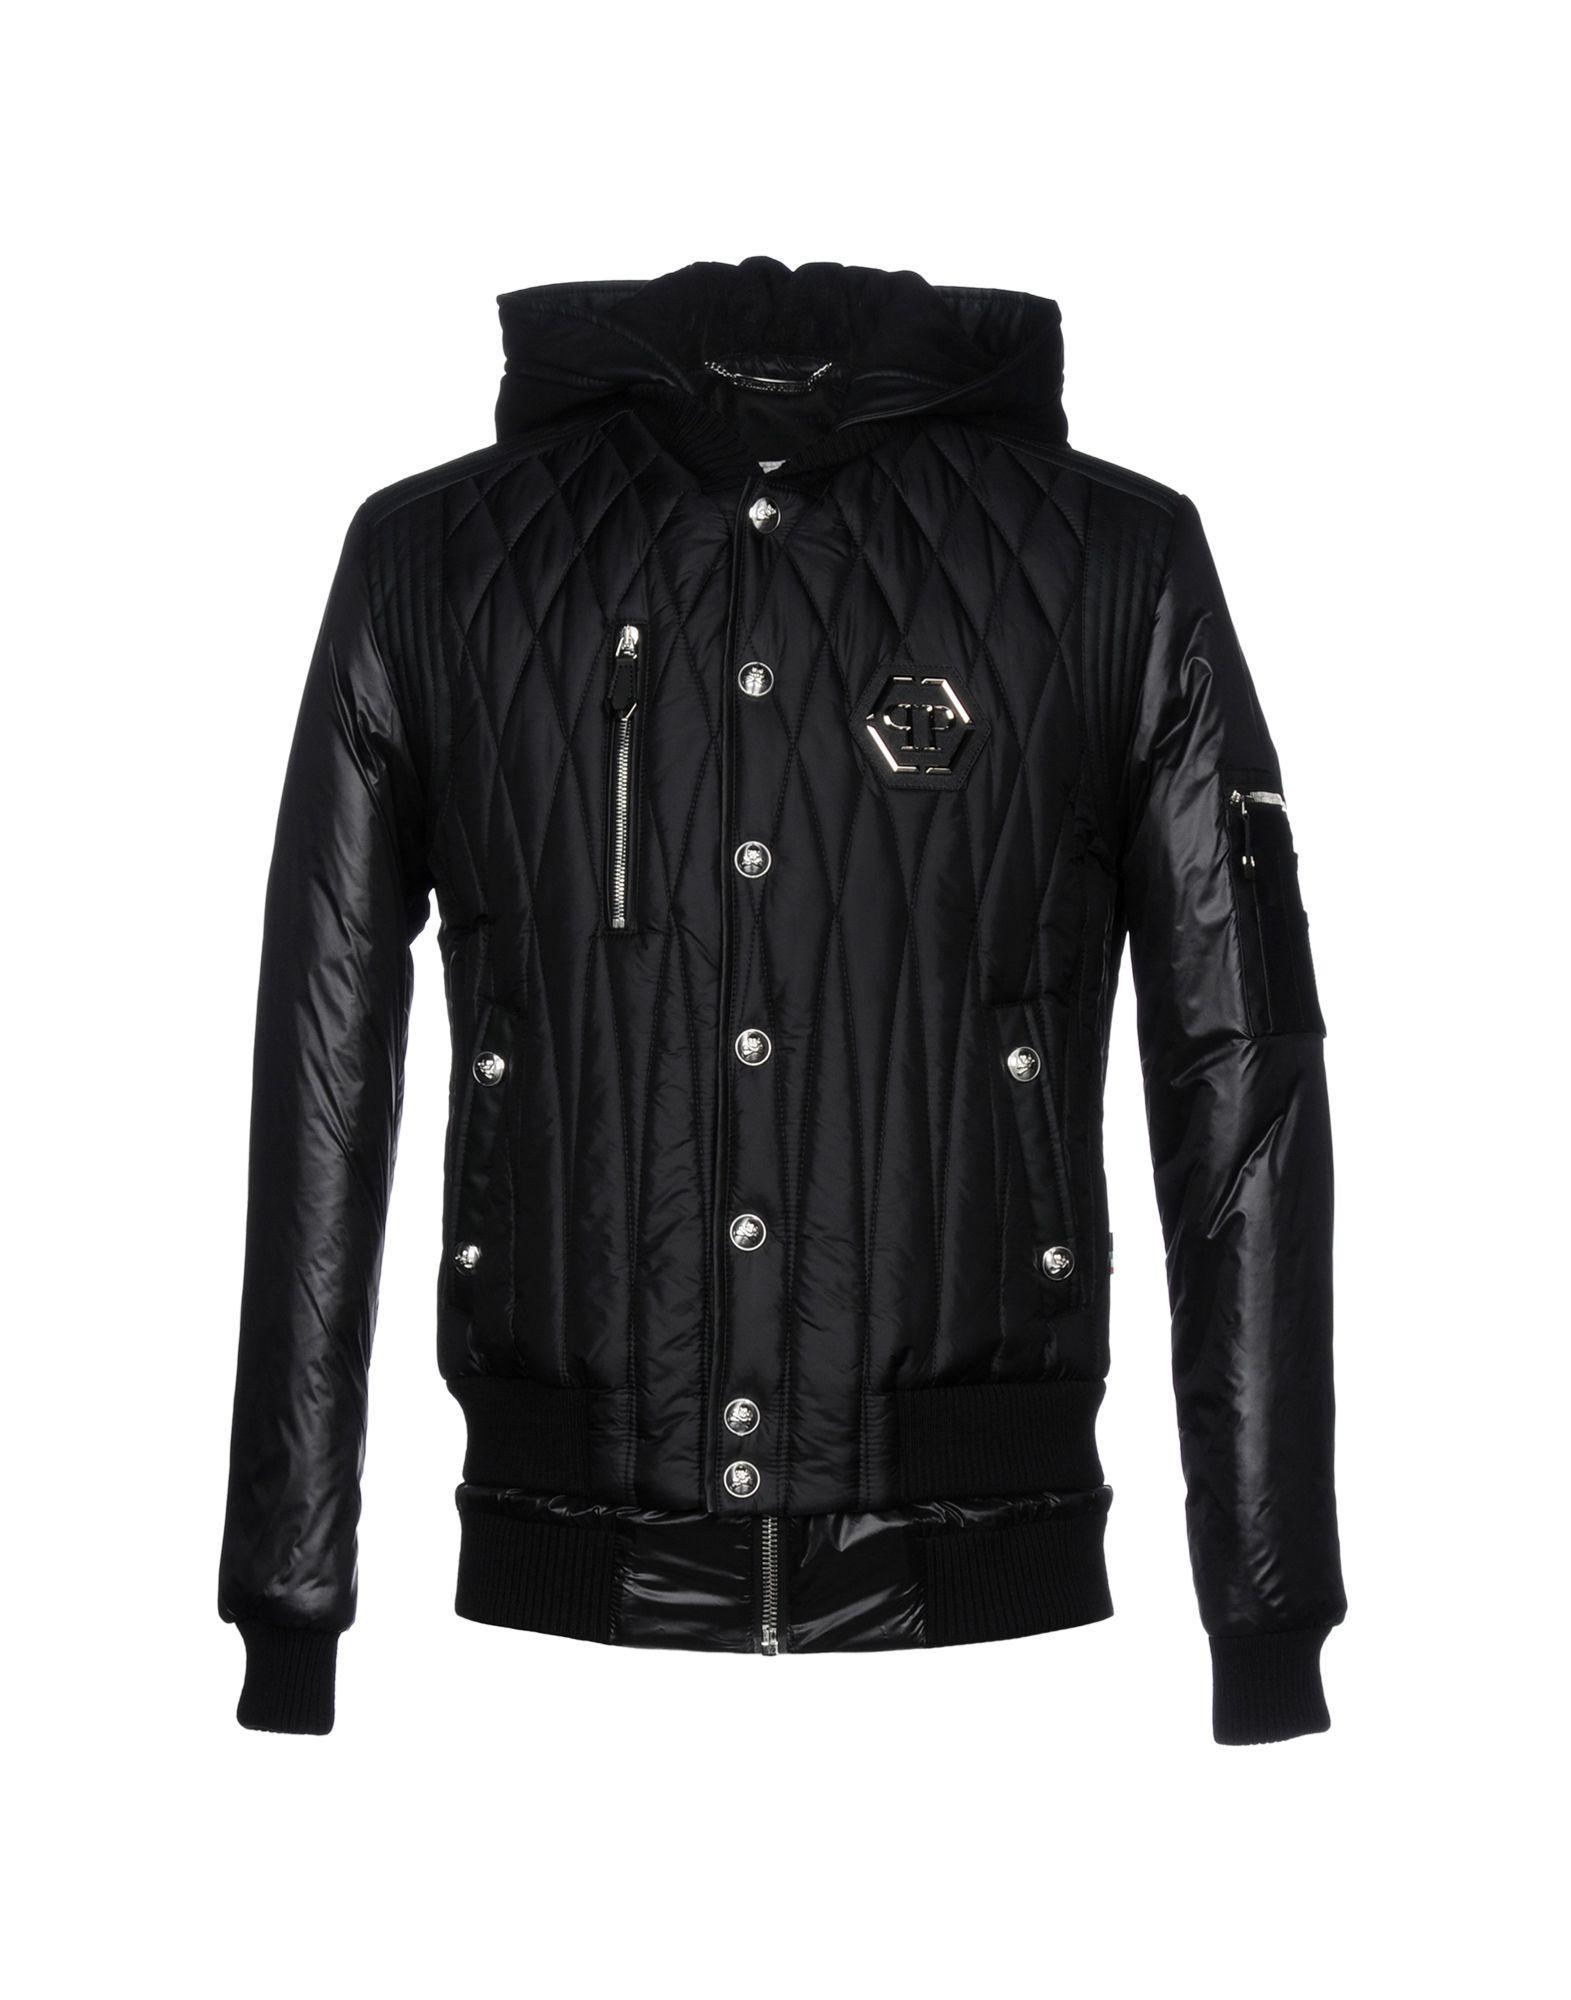 Philipp Plein Jackets In Black